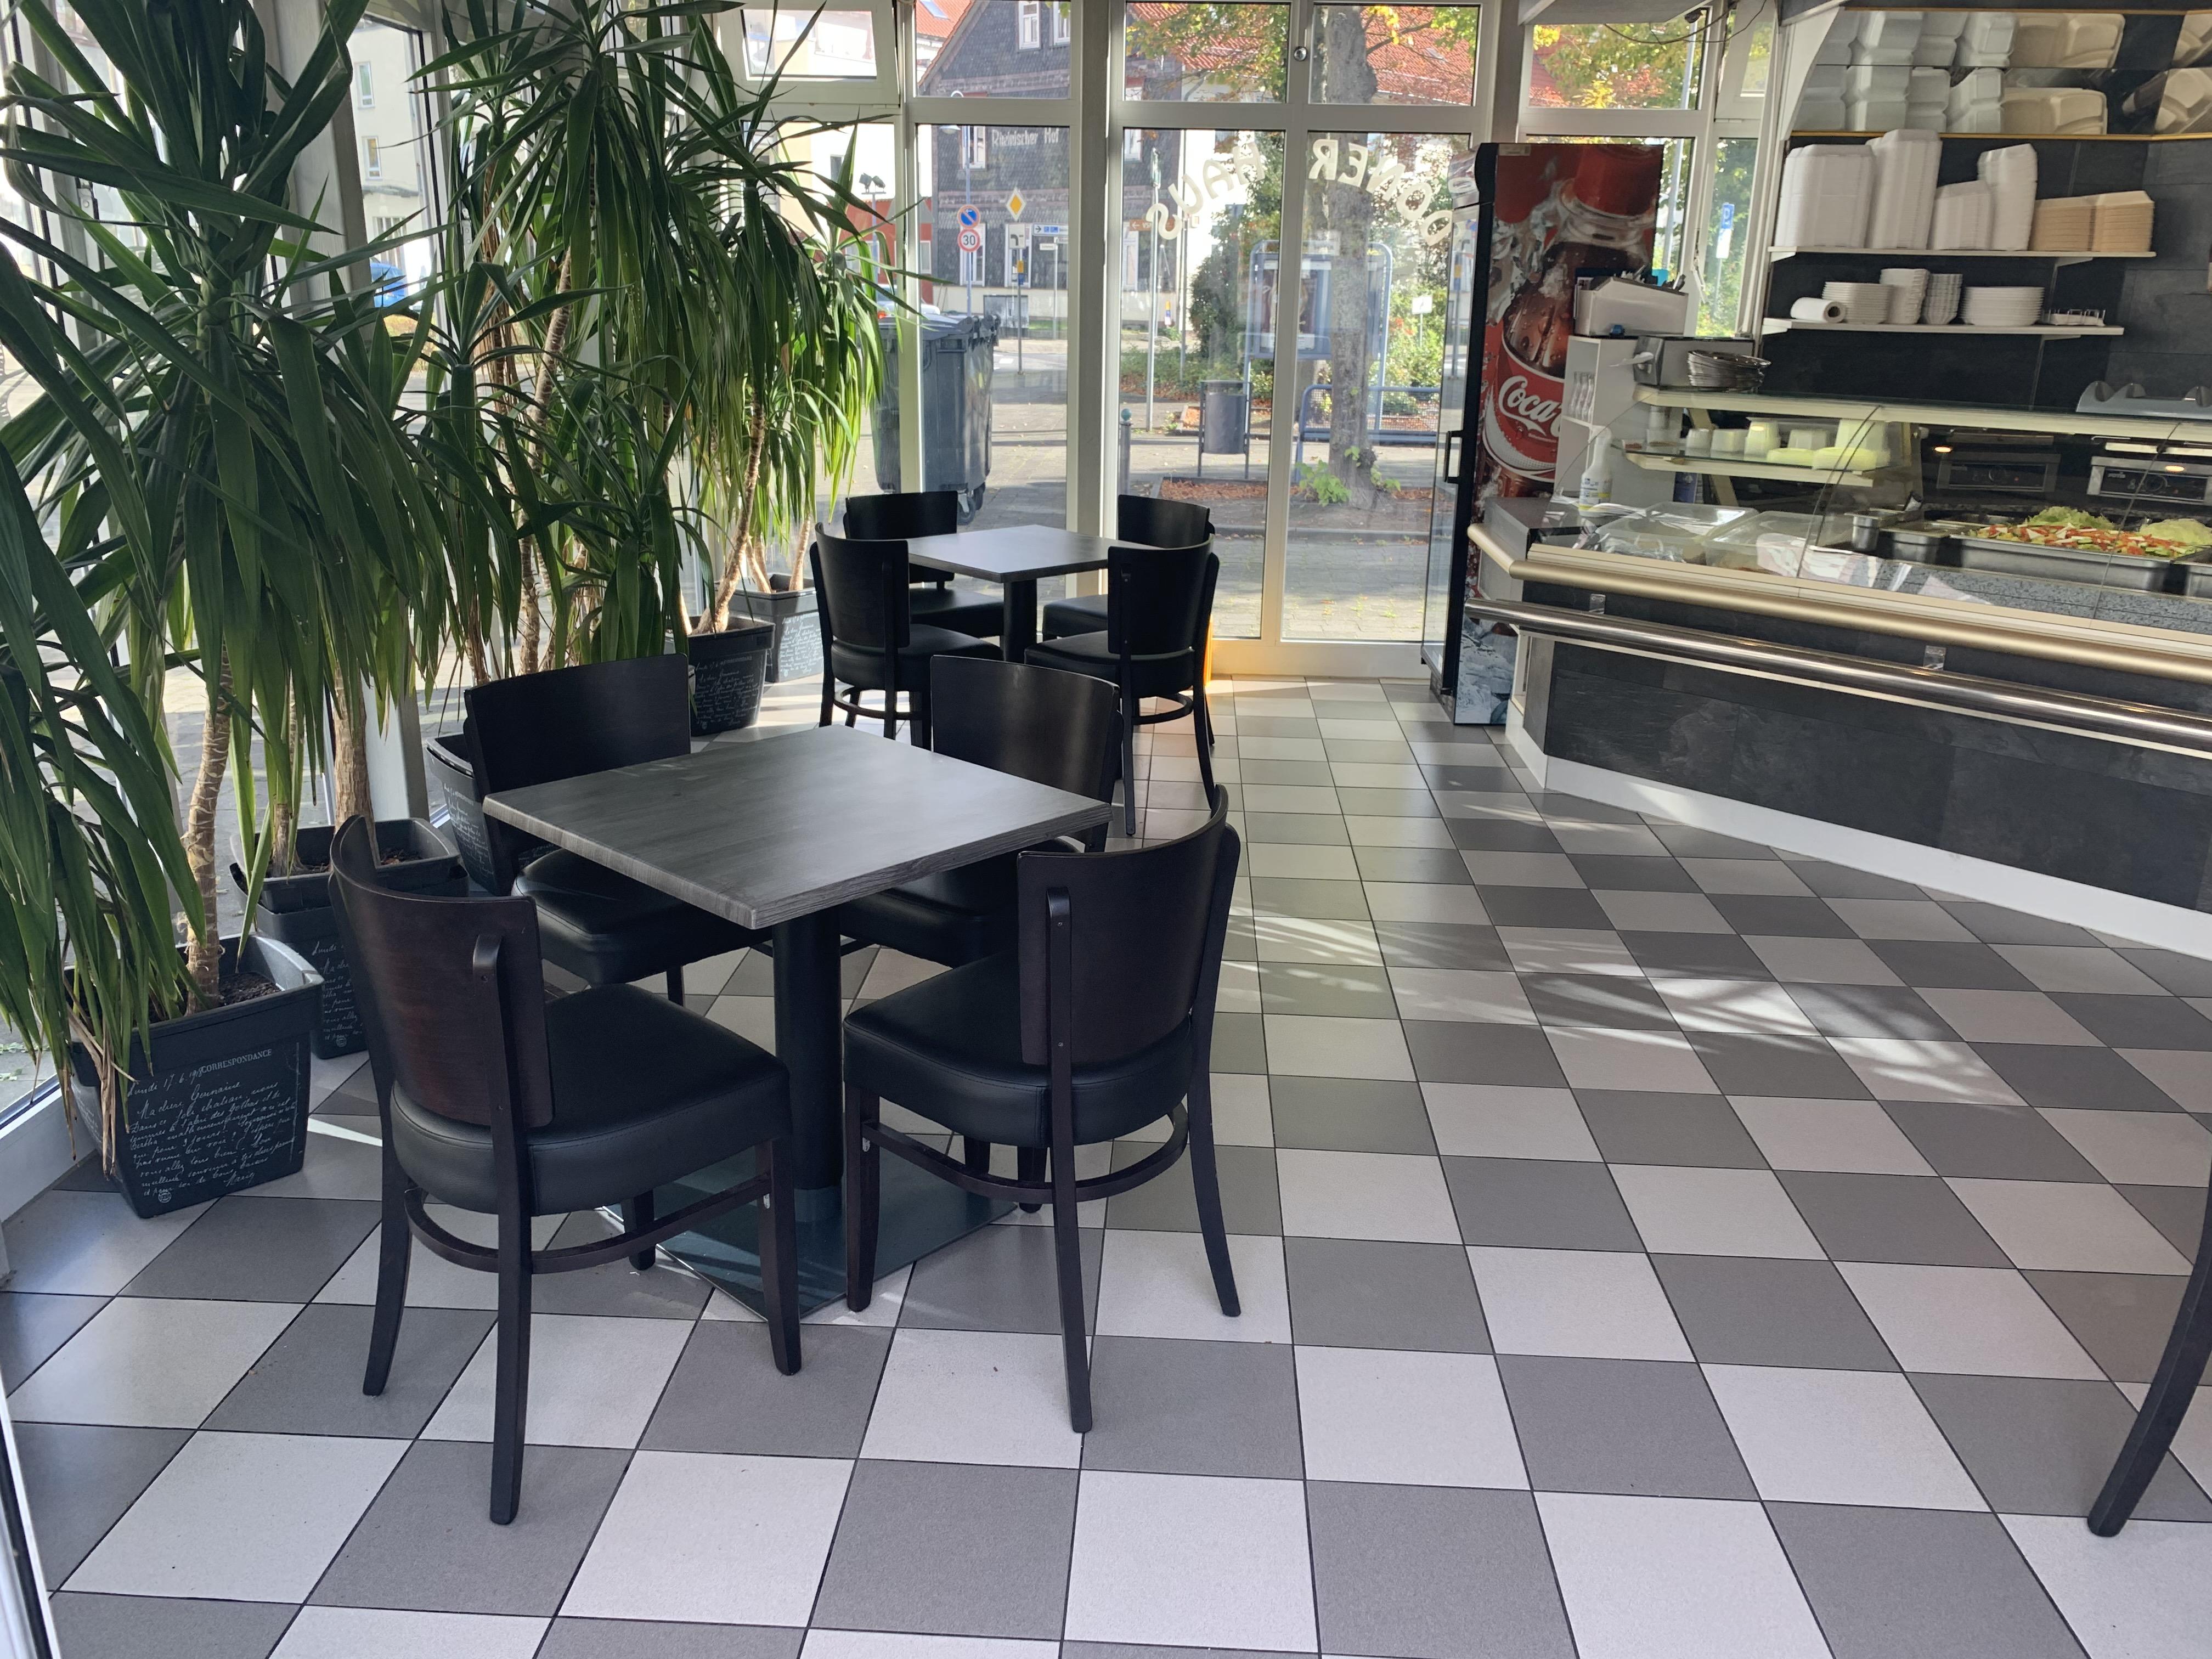 Döner Haus Ötzel_Sitzplätze